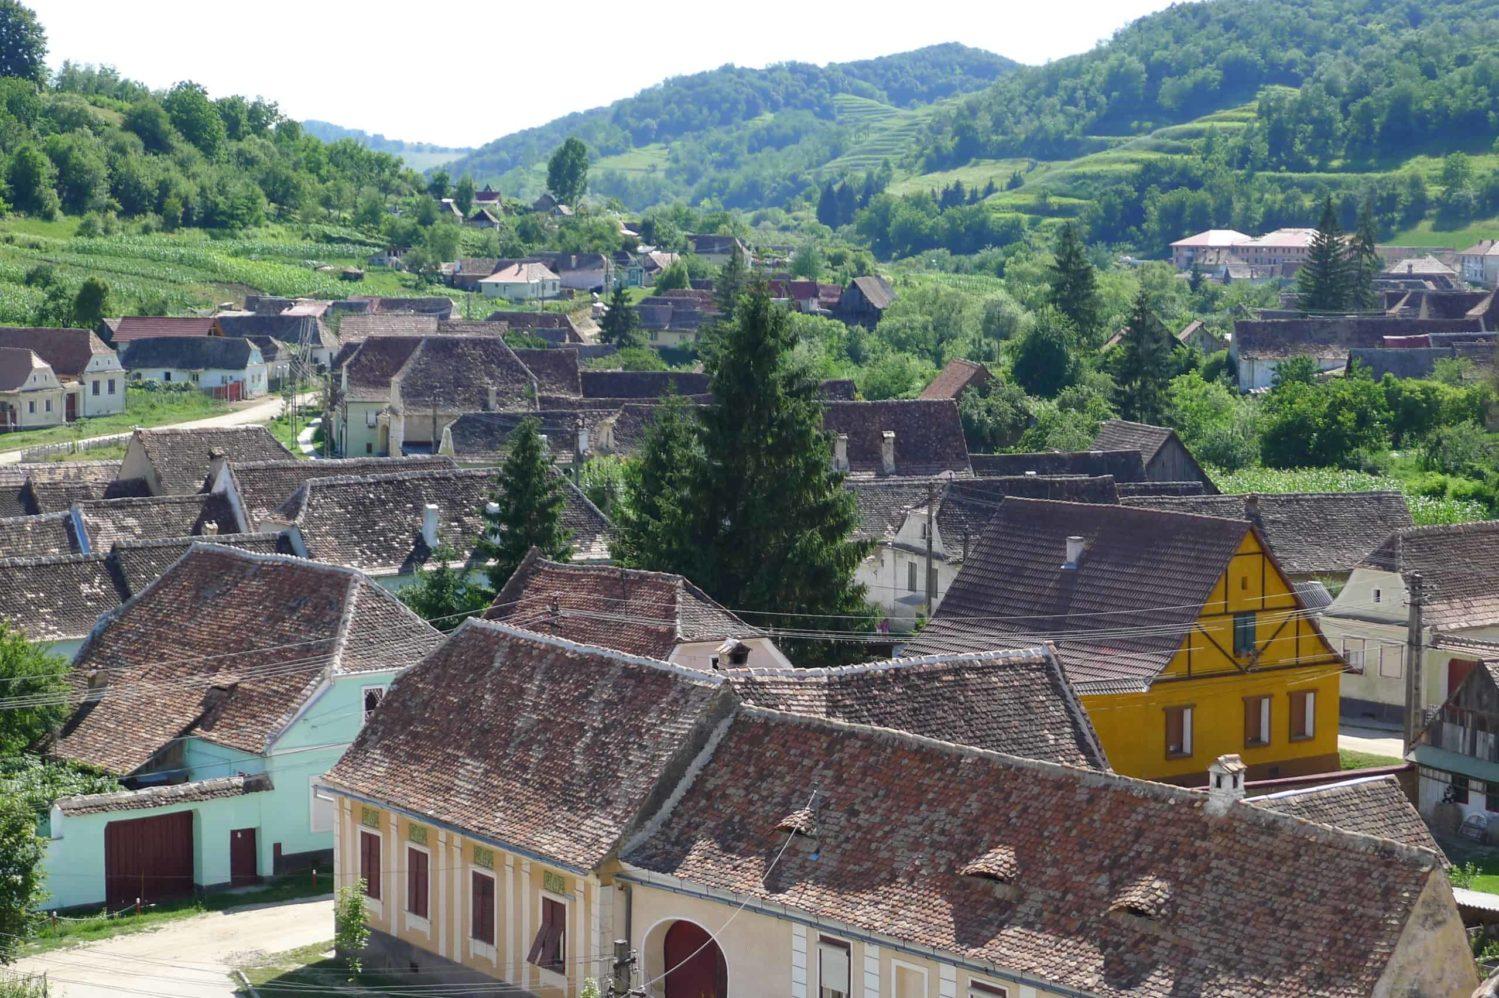 Wieś Biertan, Transylwania